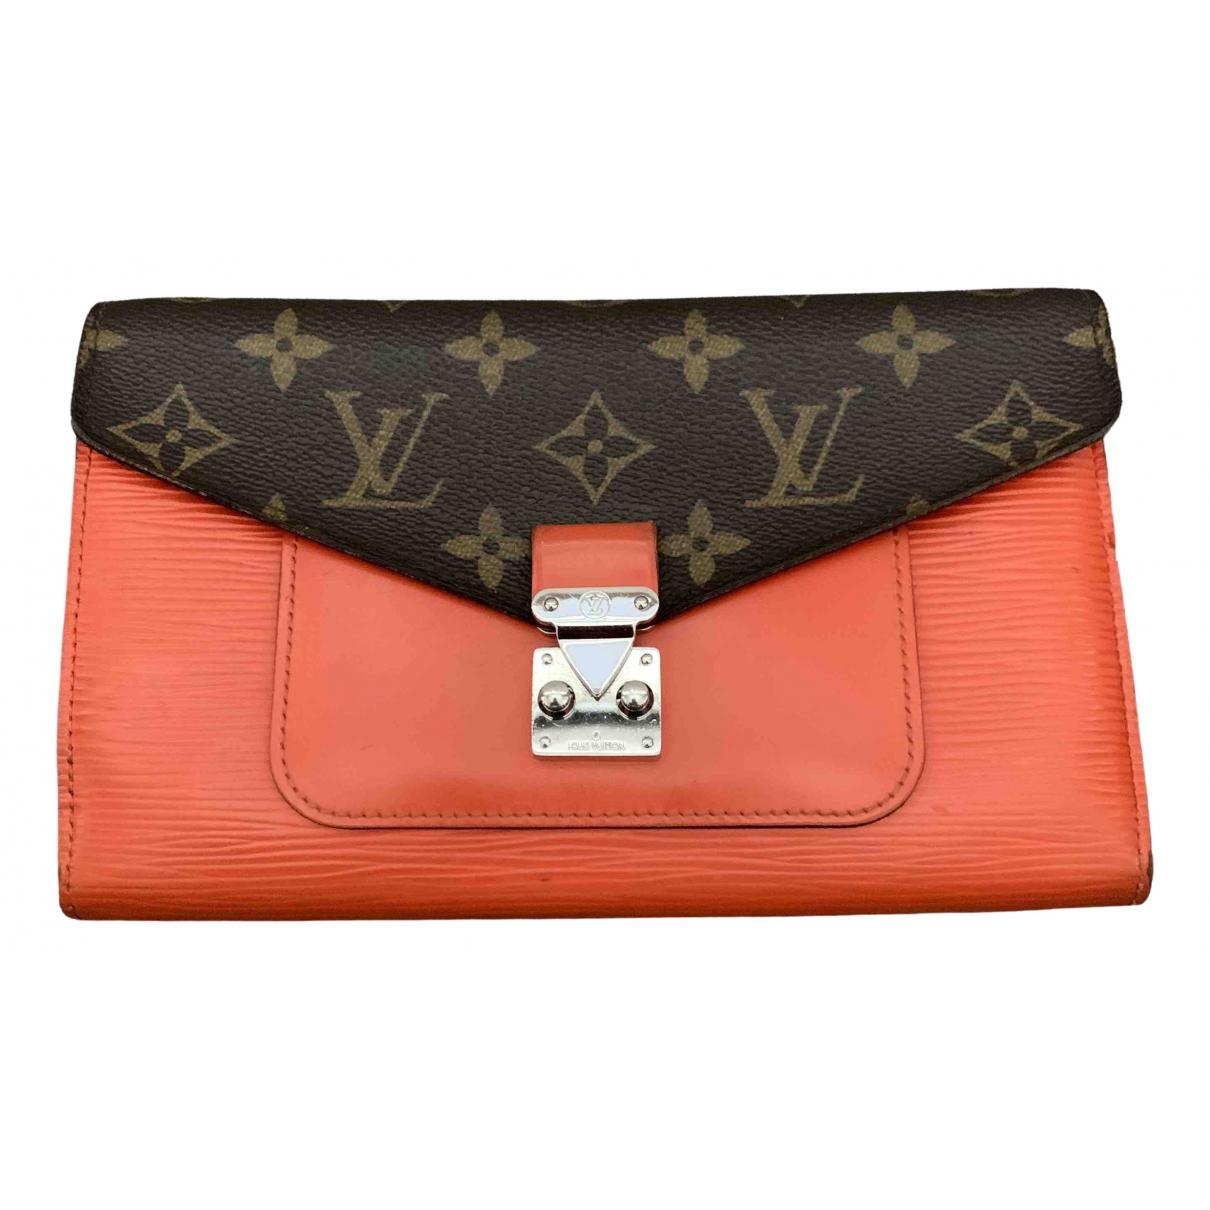 Louis Vuitton - Portefeuille Metis pour femme en cuir - multicolore